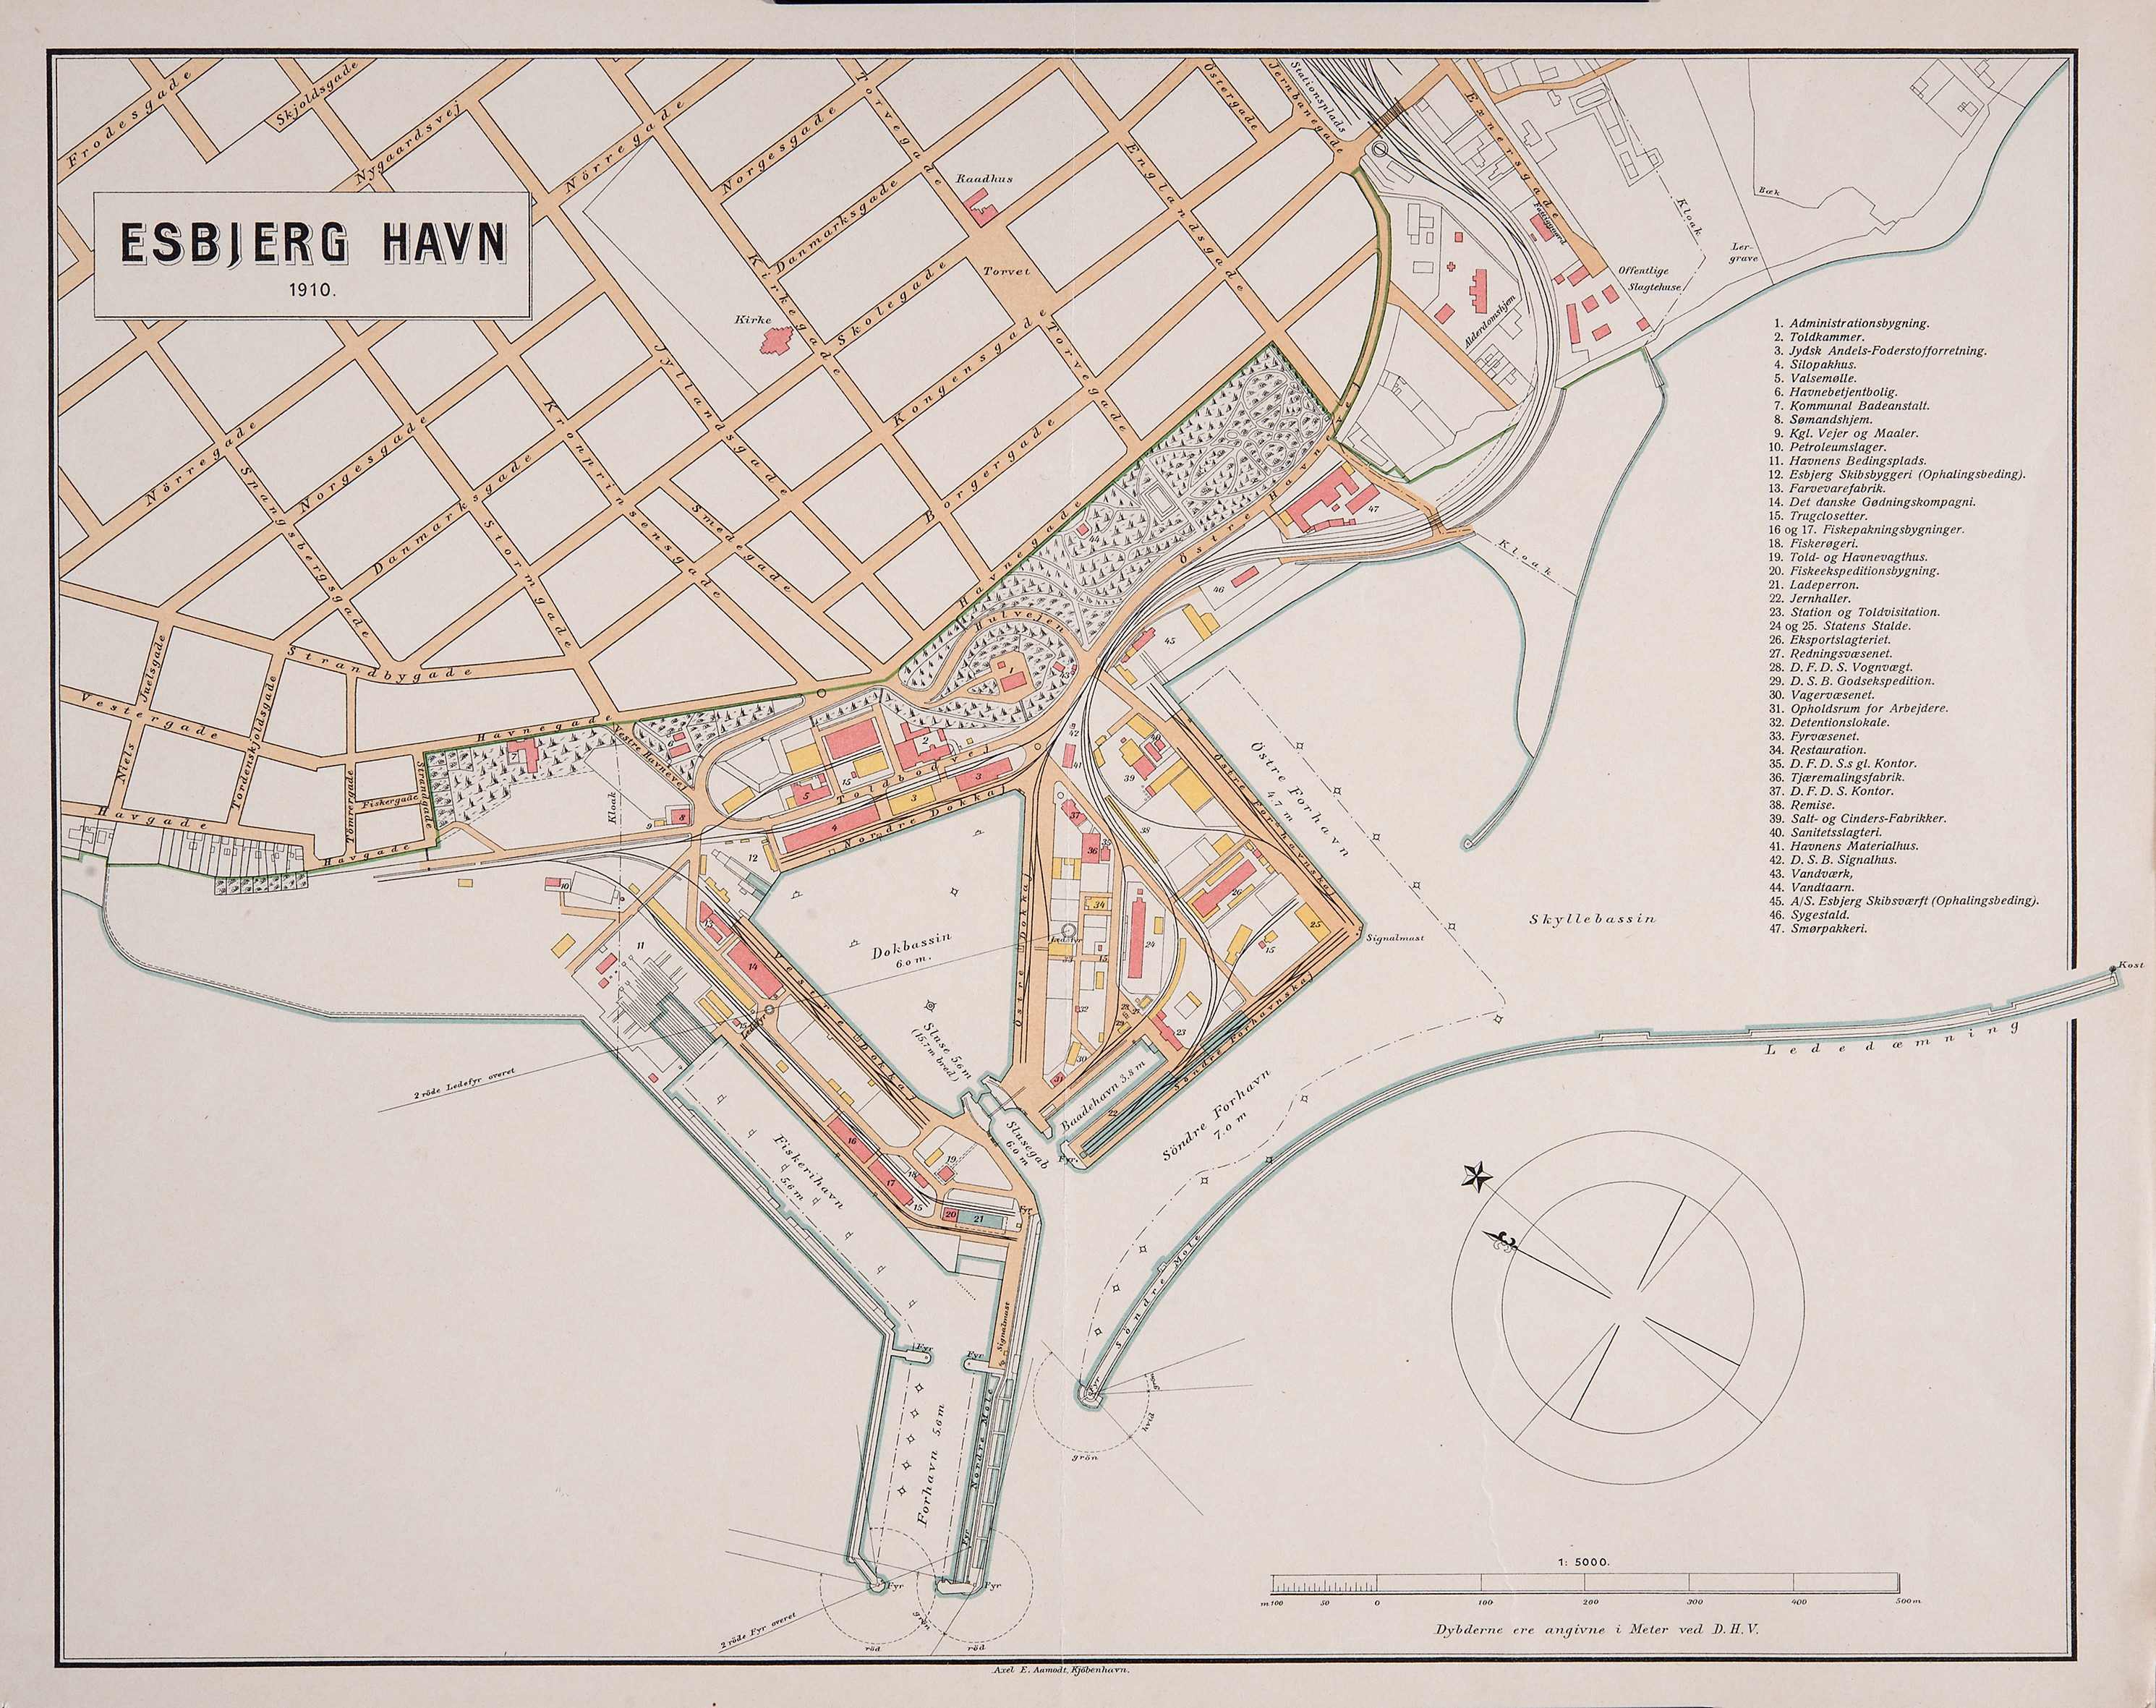 Bondebisseborger Dk 2 6 Kortserie Havnens Udvikling